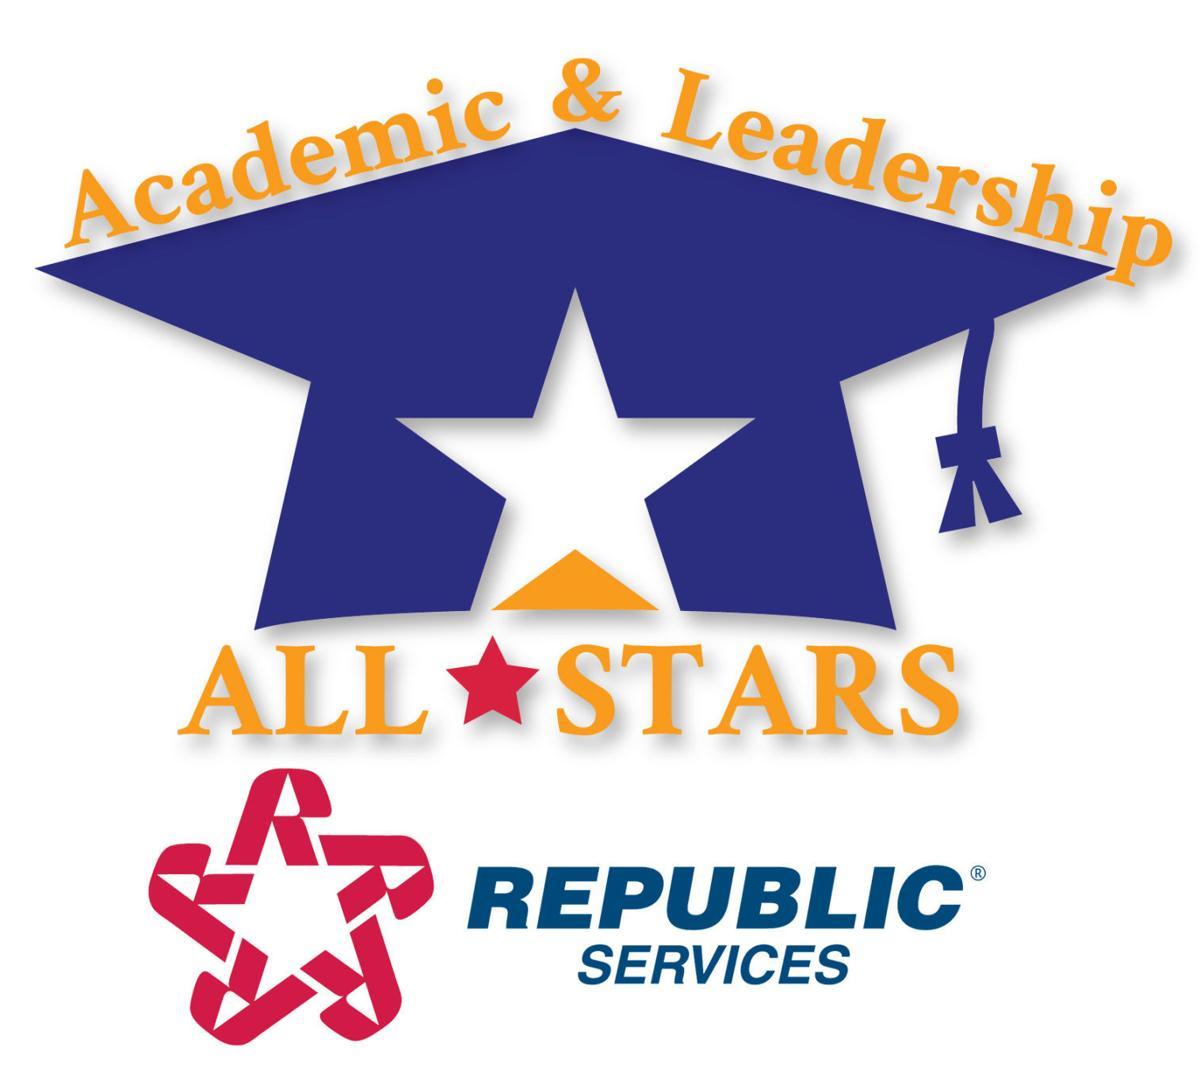 A&L All Stars